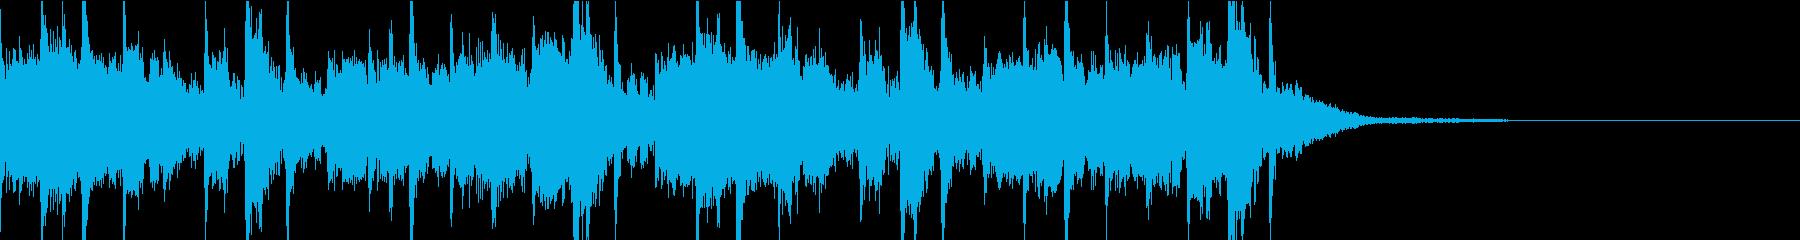 場面転換に使えるオシャレなジングルの再生済みの波形